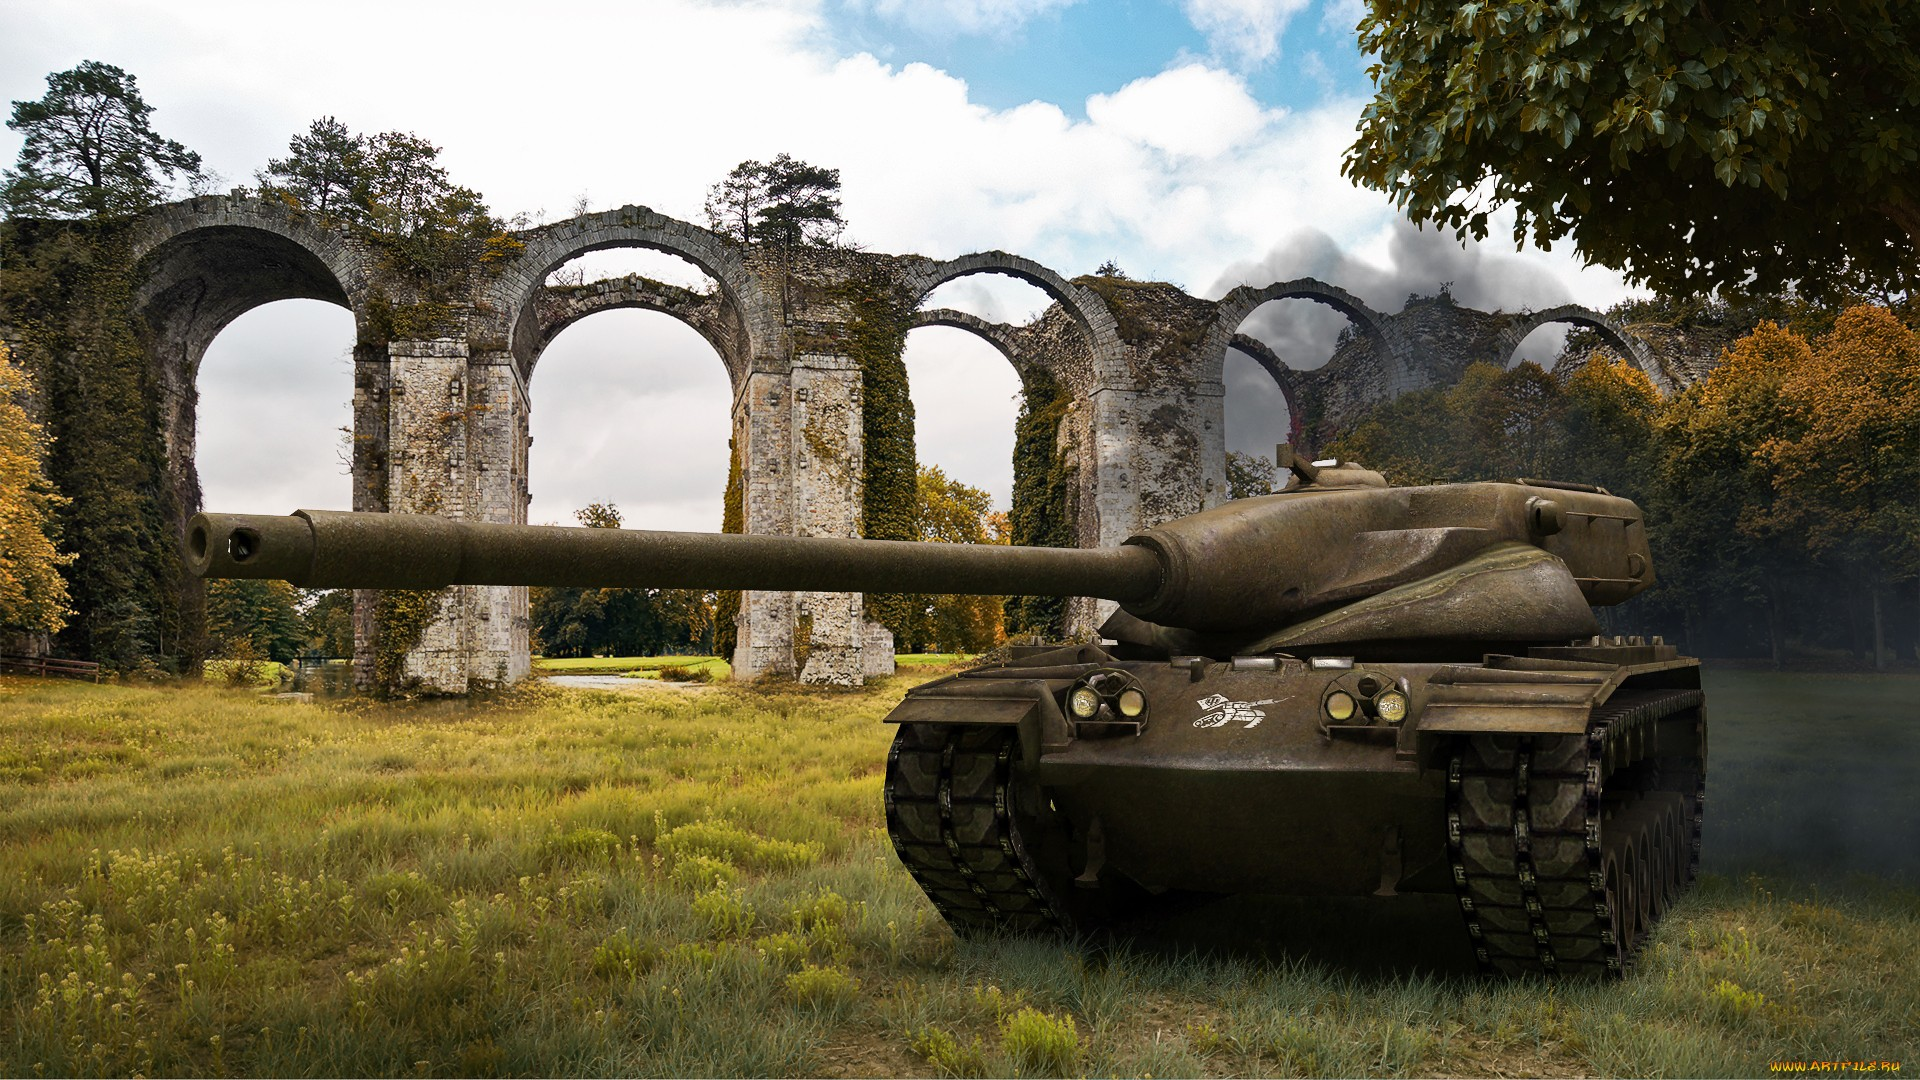 обои для рабочего стола танки 1920х1080 hd танки скачать № 213070 бесплатно